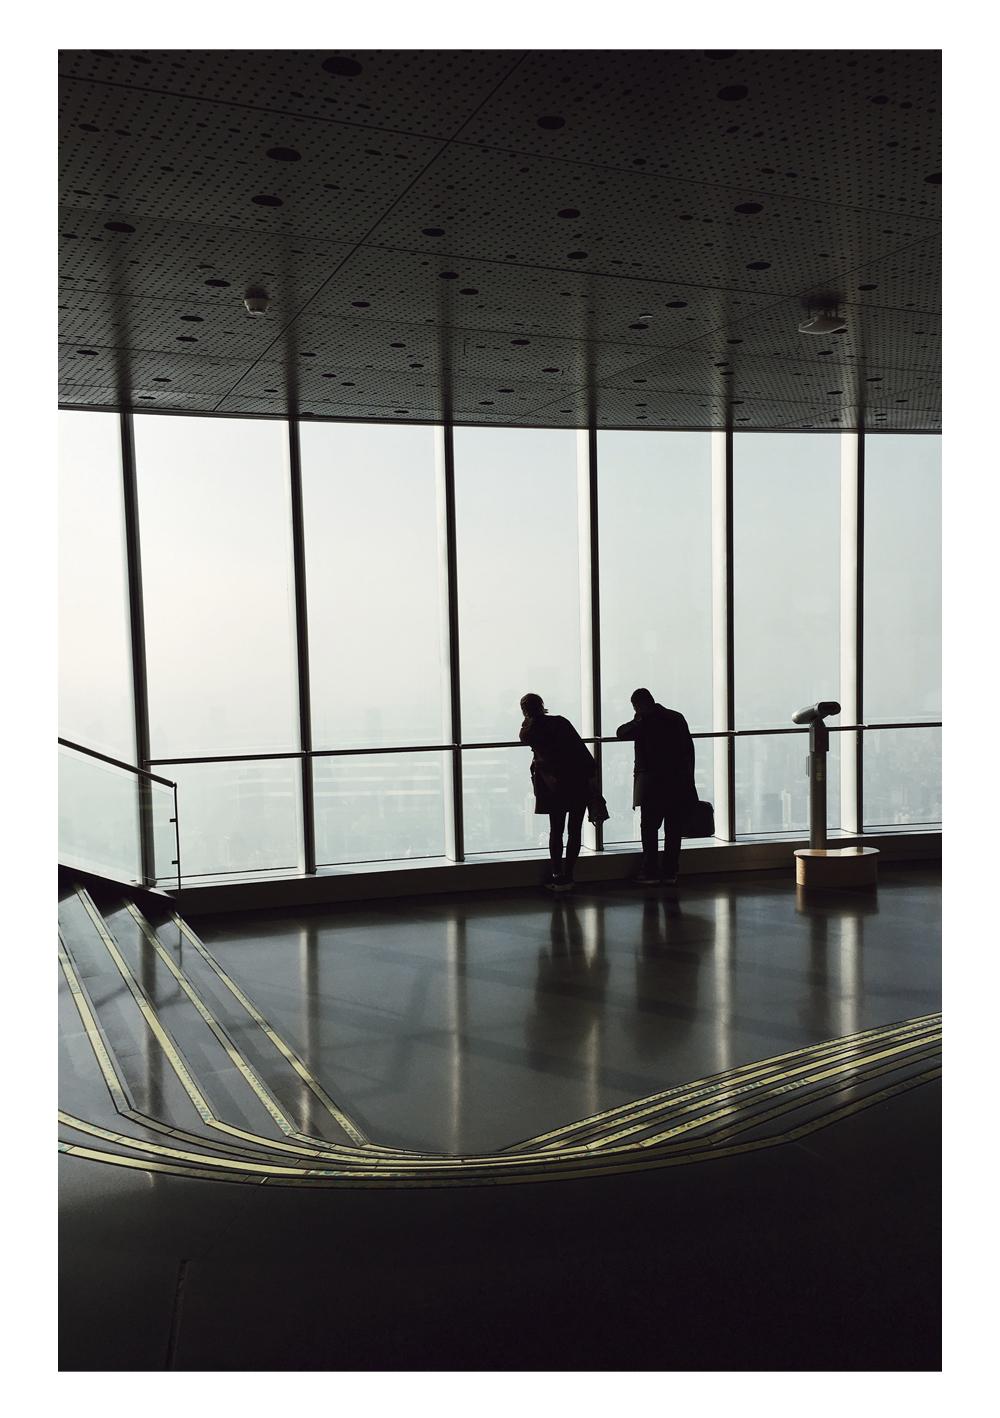 Shanghai_by_Amelie_Niederbuchner_4, Shanghai, Visual Diary, shot by Amelie Niederbuchner, photographer, Munich, Fotografin München